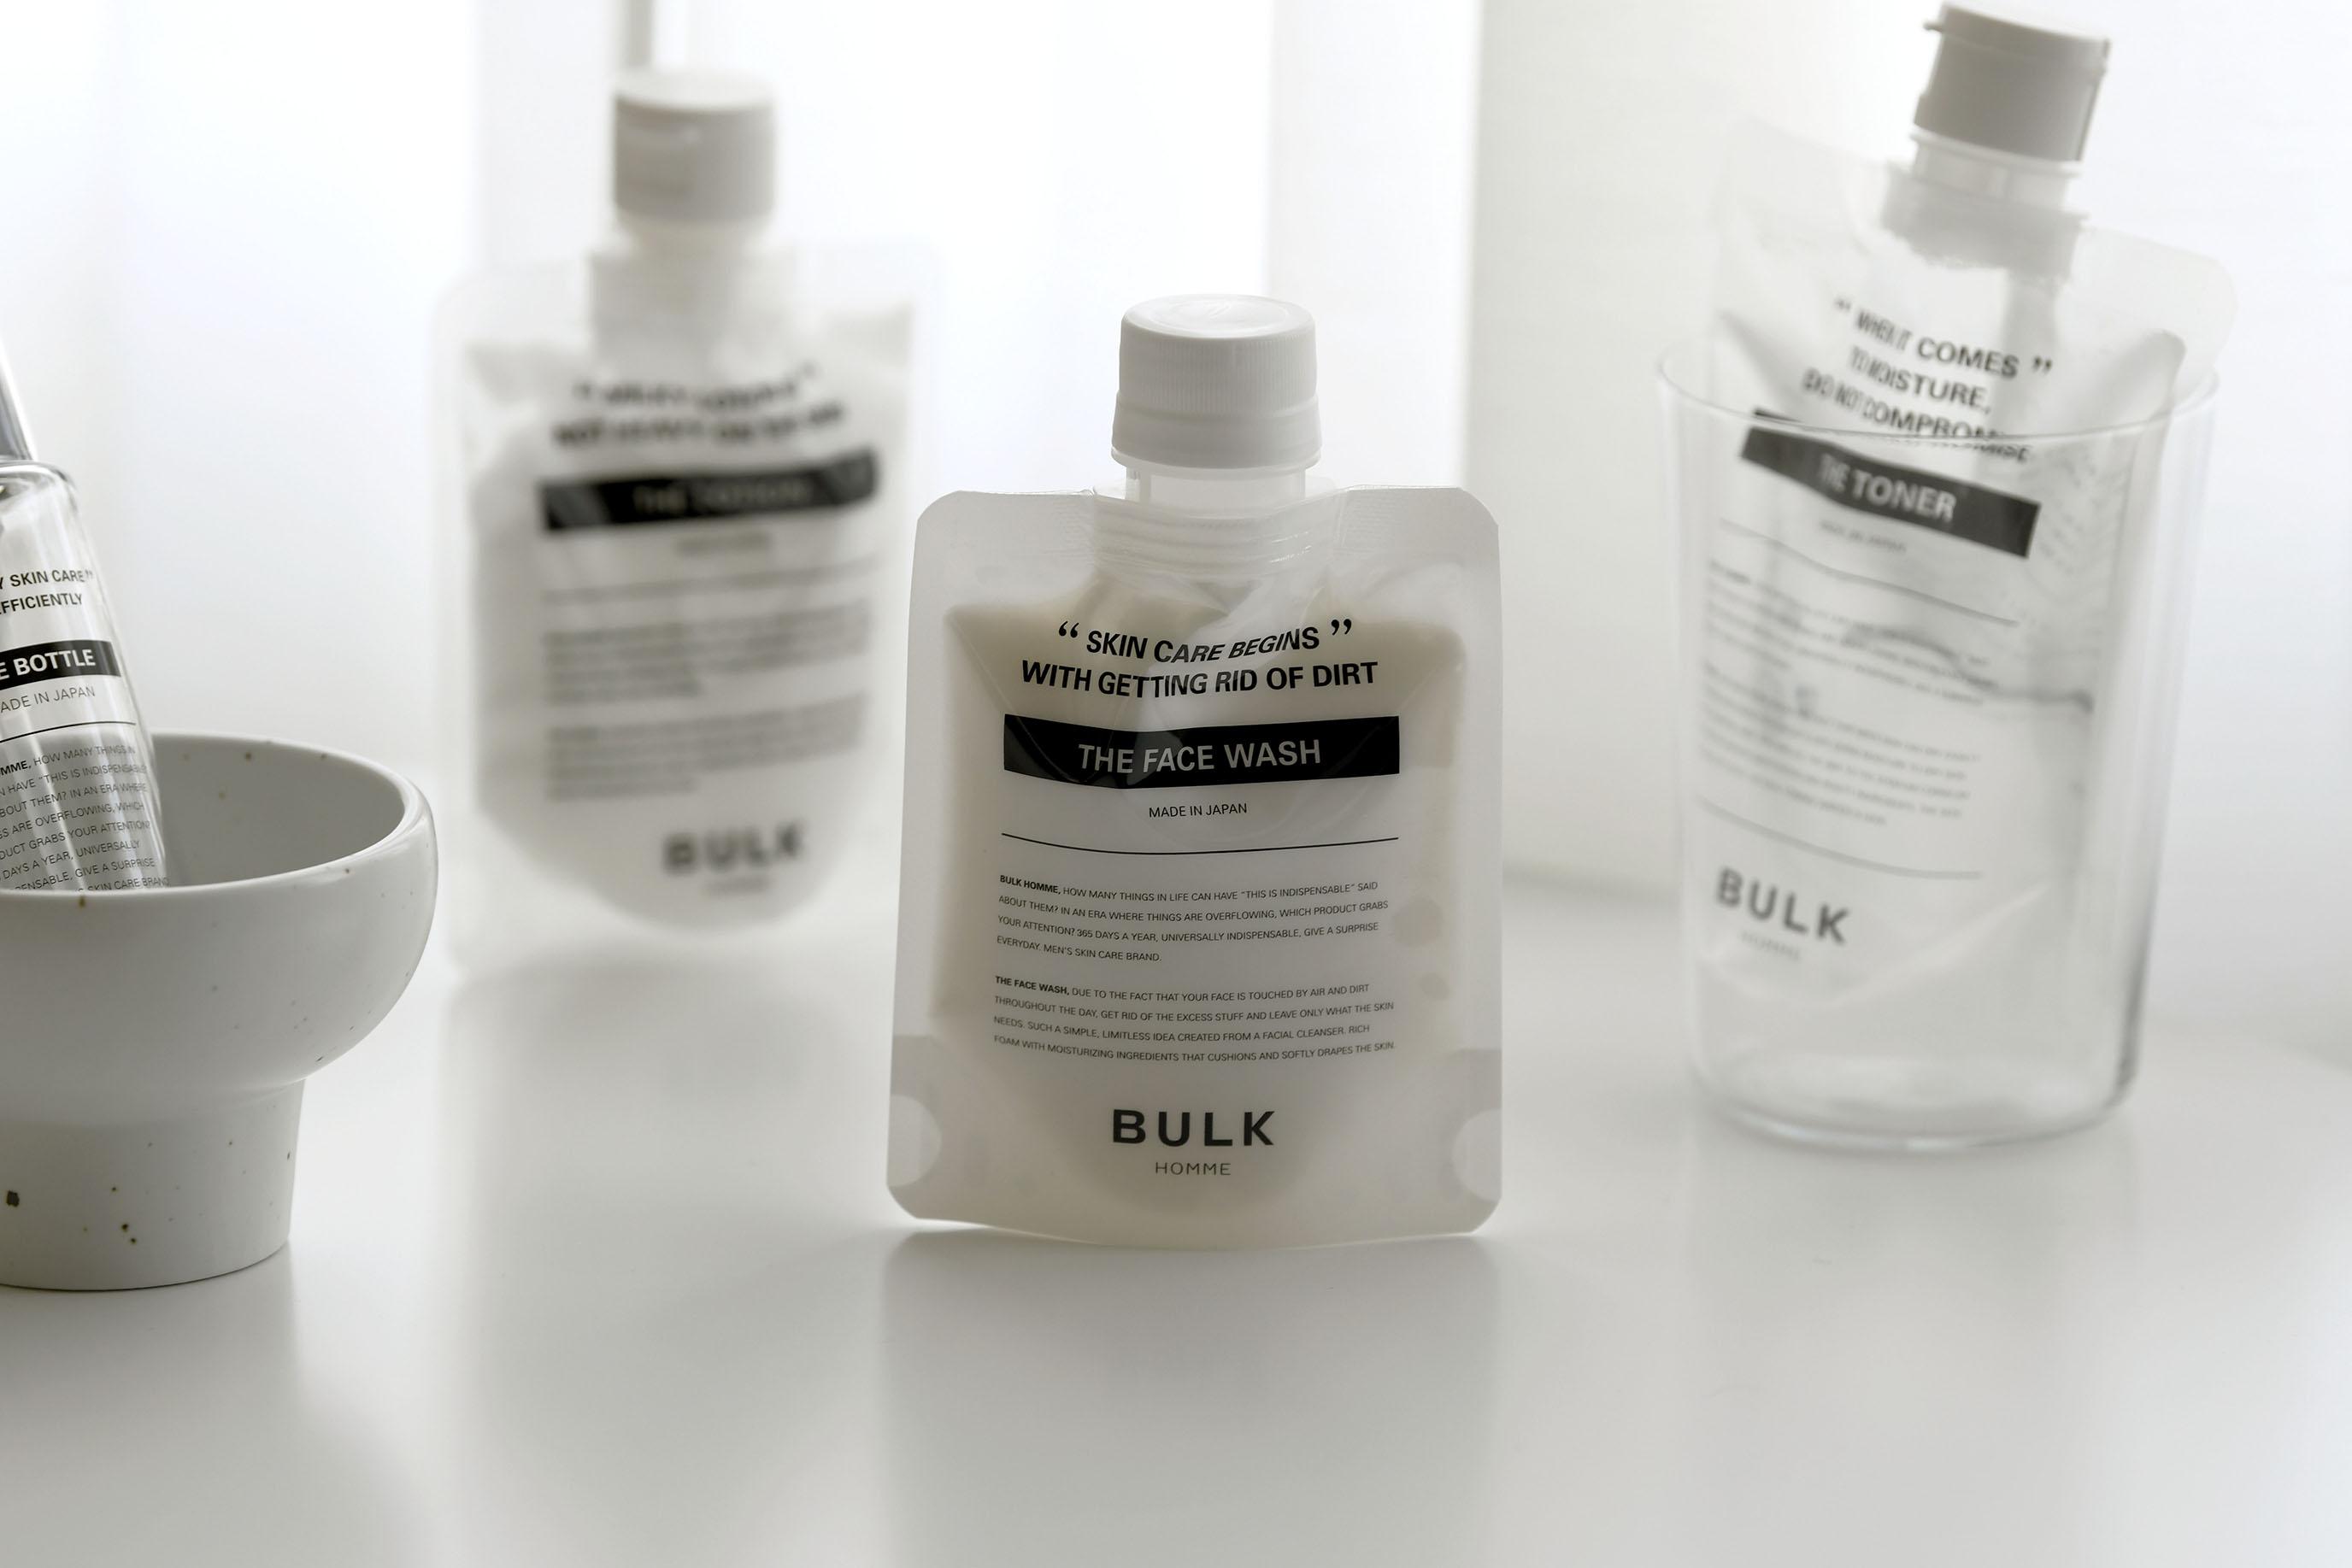 BULK HOMME 洗面乳